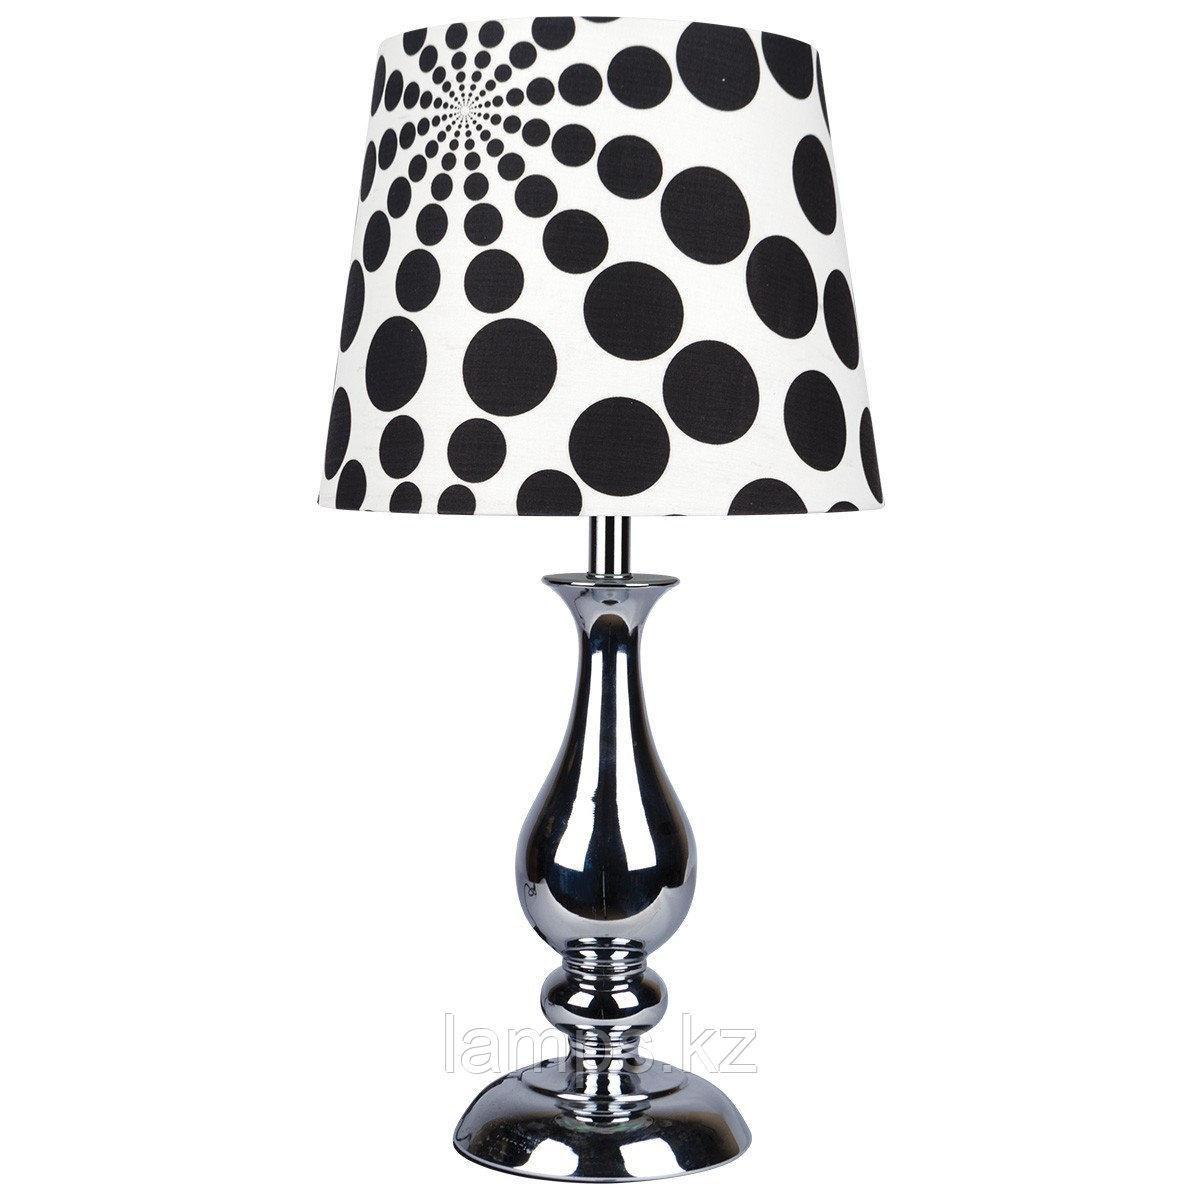 Настольная лампа T0021 Black DOTS